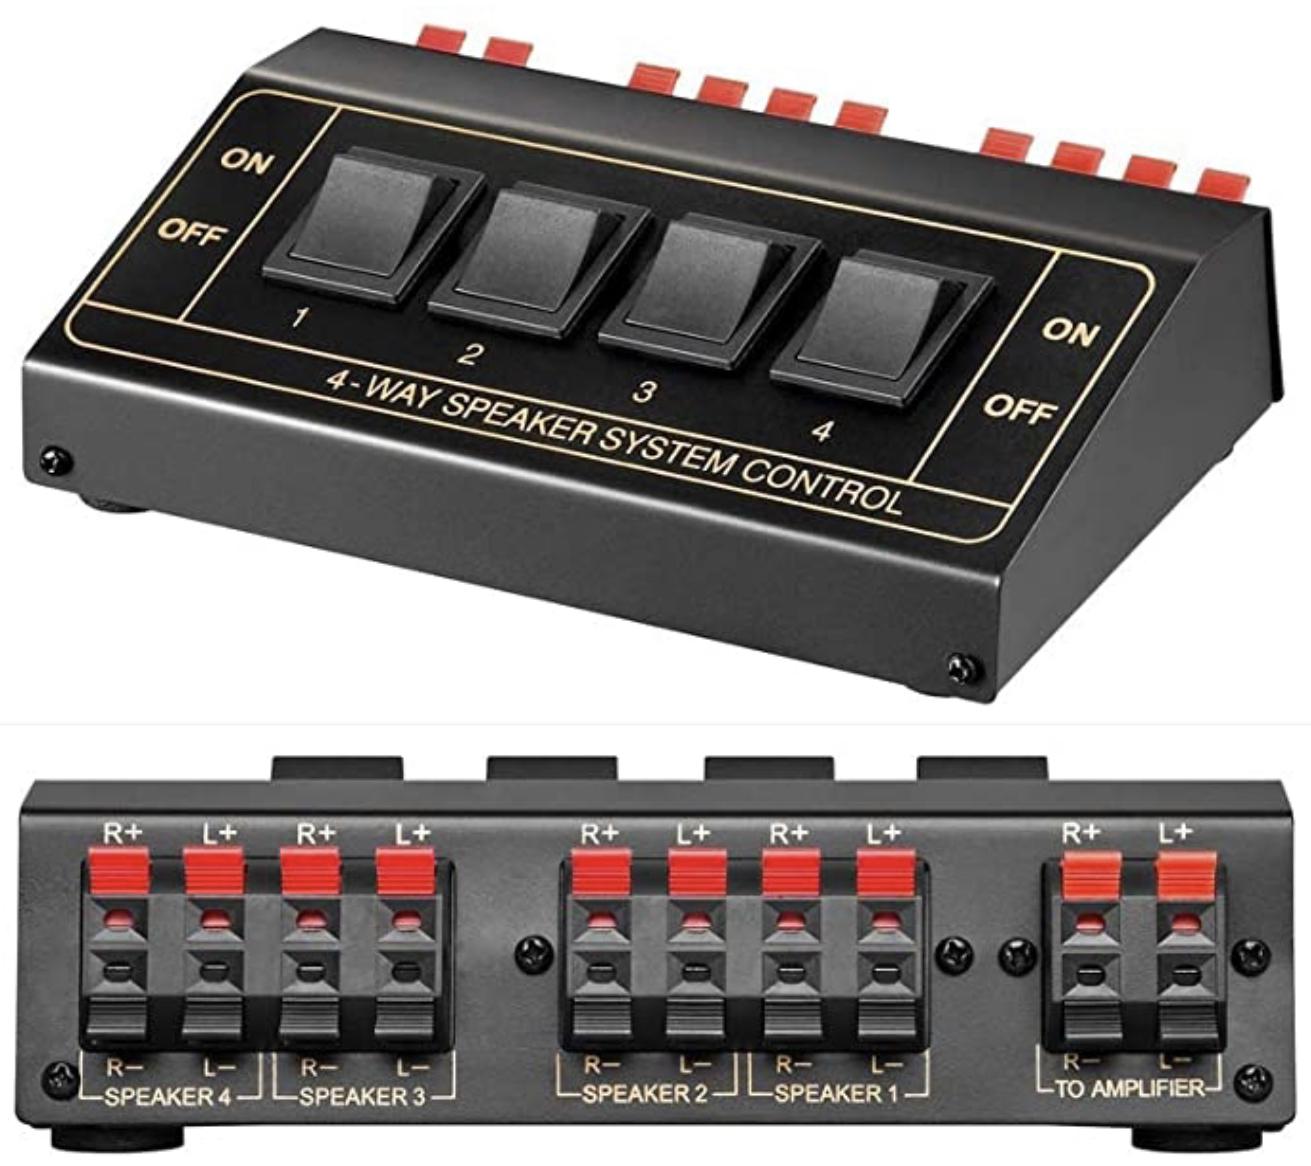 Goobay 60928 Lautsprecher Umschaltbox für 2 Lautsprecherpaare für 6,99€ / bis zu 4 Lautsprecherpaare 11934 für 7,49€ mit Prime